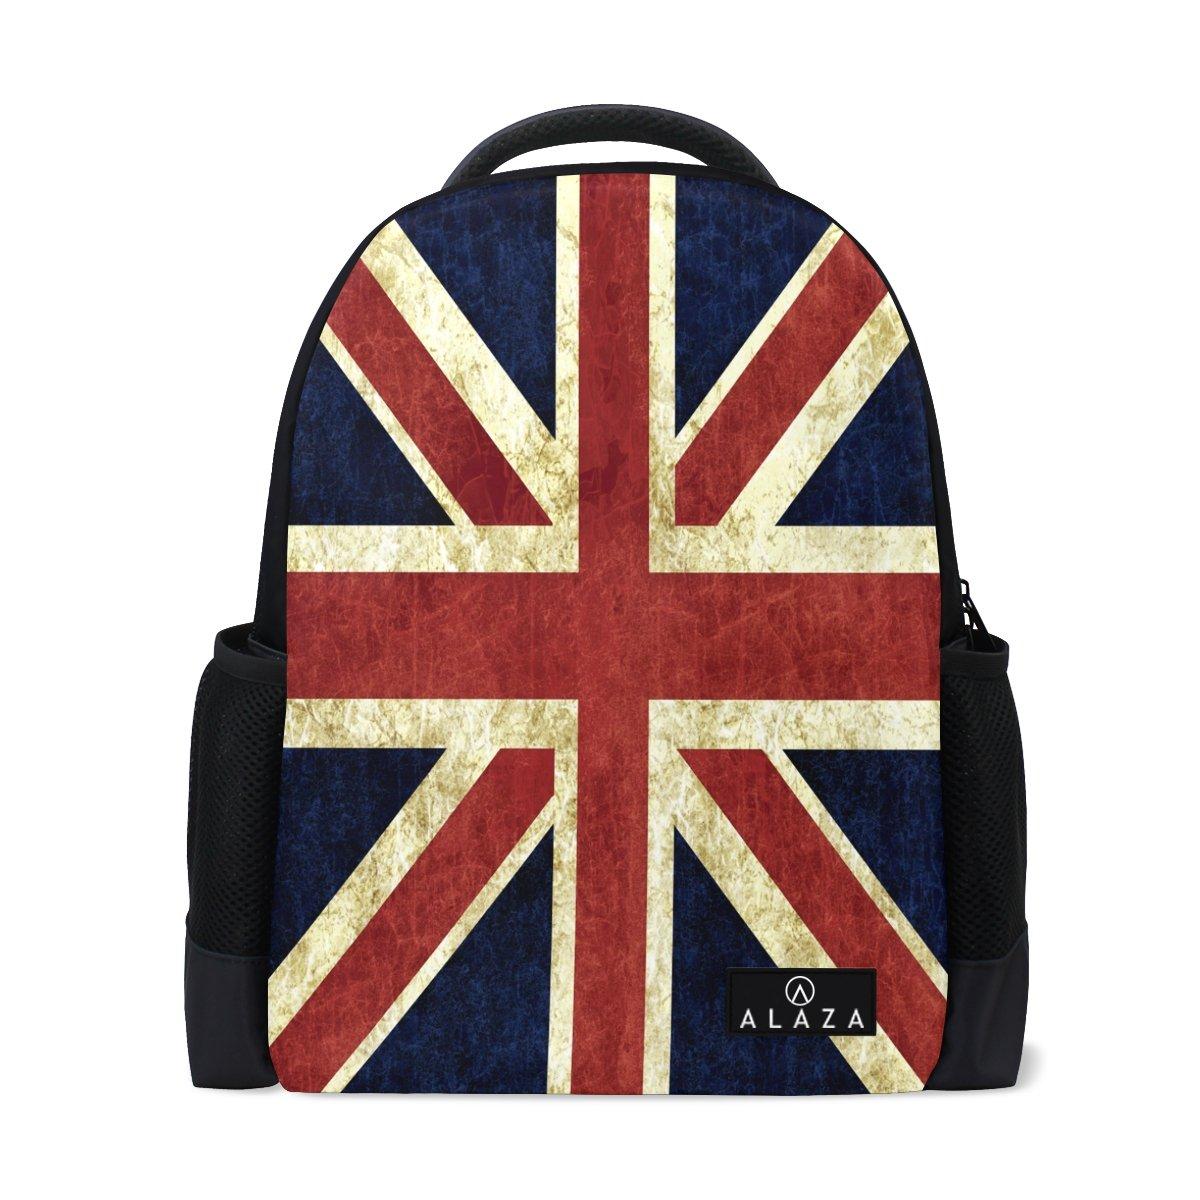 Alazaヴィンテージユニオンジャックイギリス国旗ポリエステルバックパック学校旅行バッグ   B078Q7QZXV